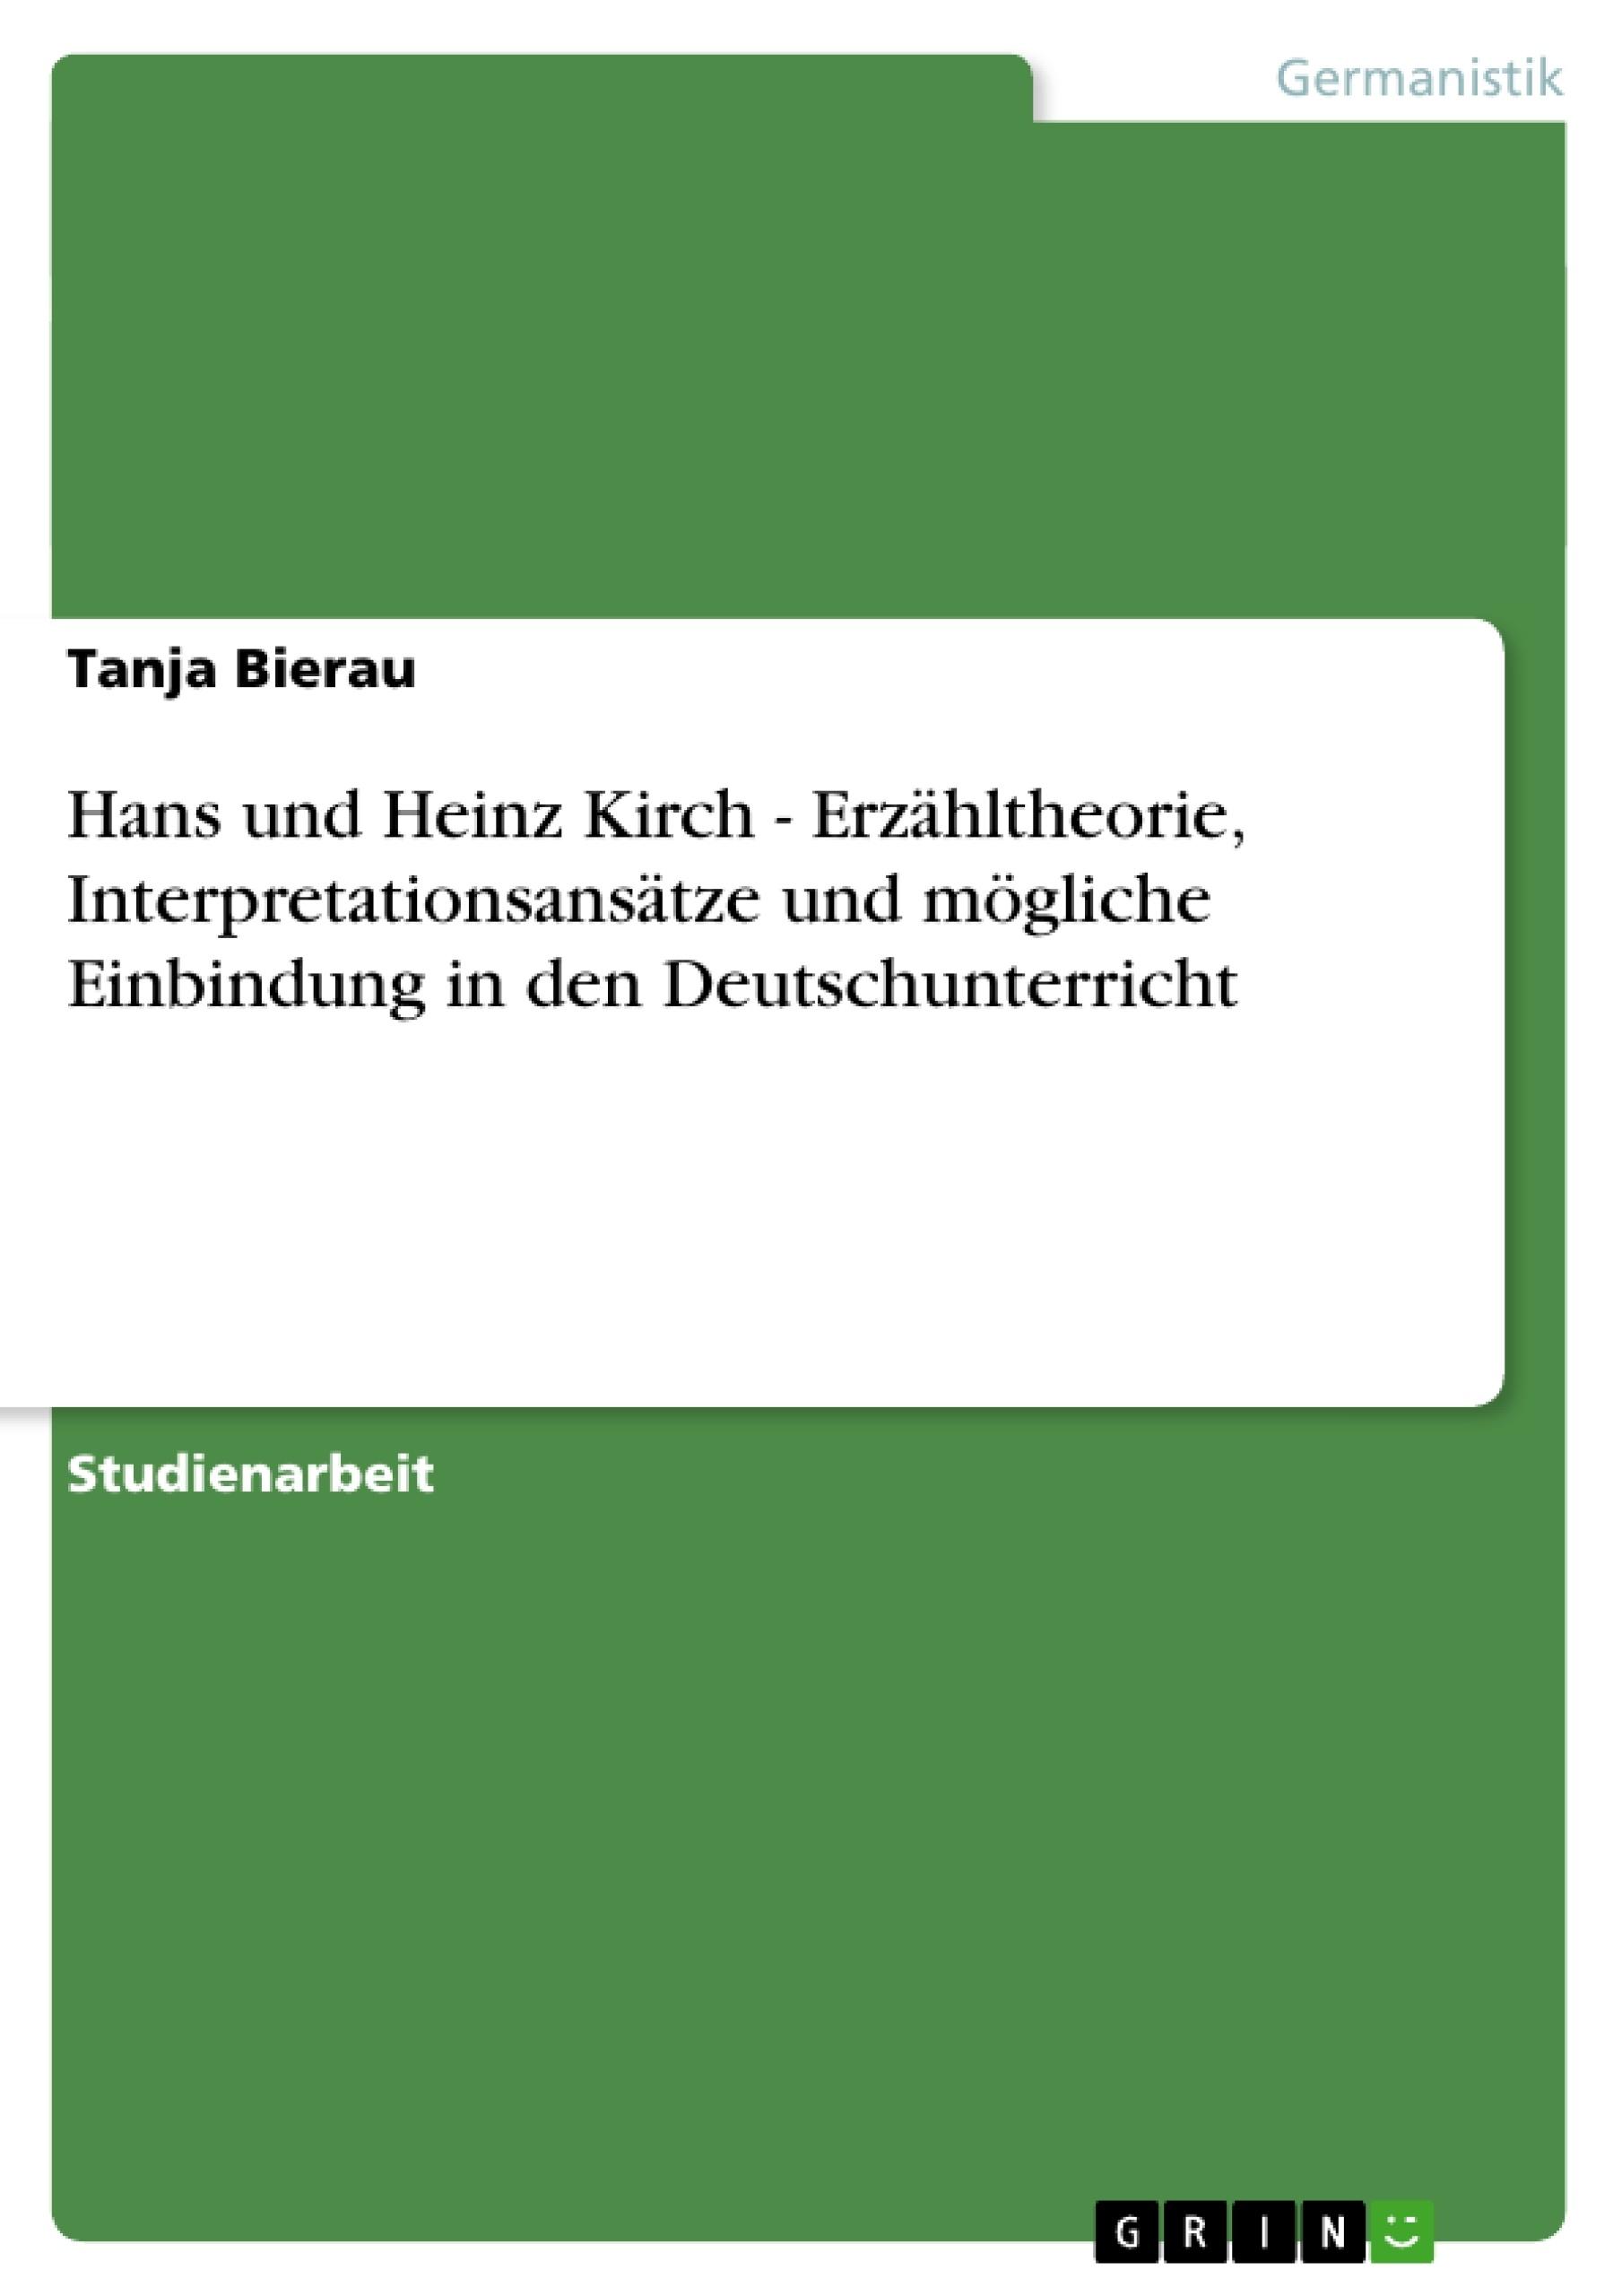 Titel: Hans und Heinz Kirch - Erzähltheorie, Interpretationsansätze und mögliche Einbindung in den Deutschunterricht